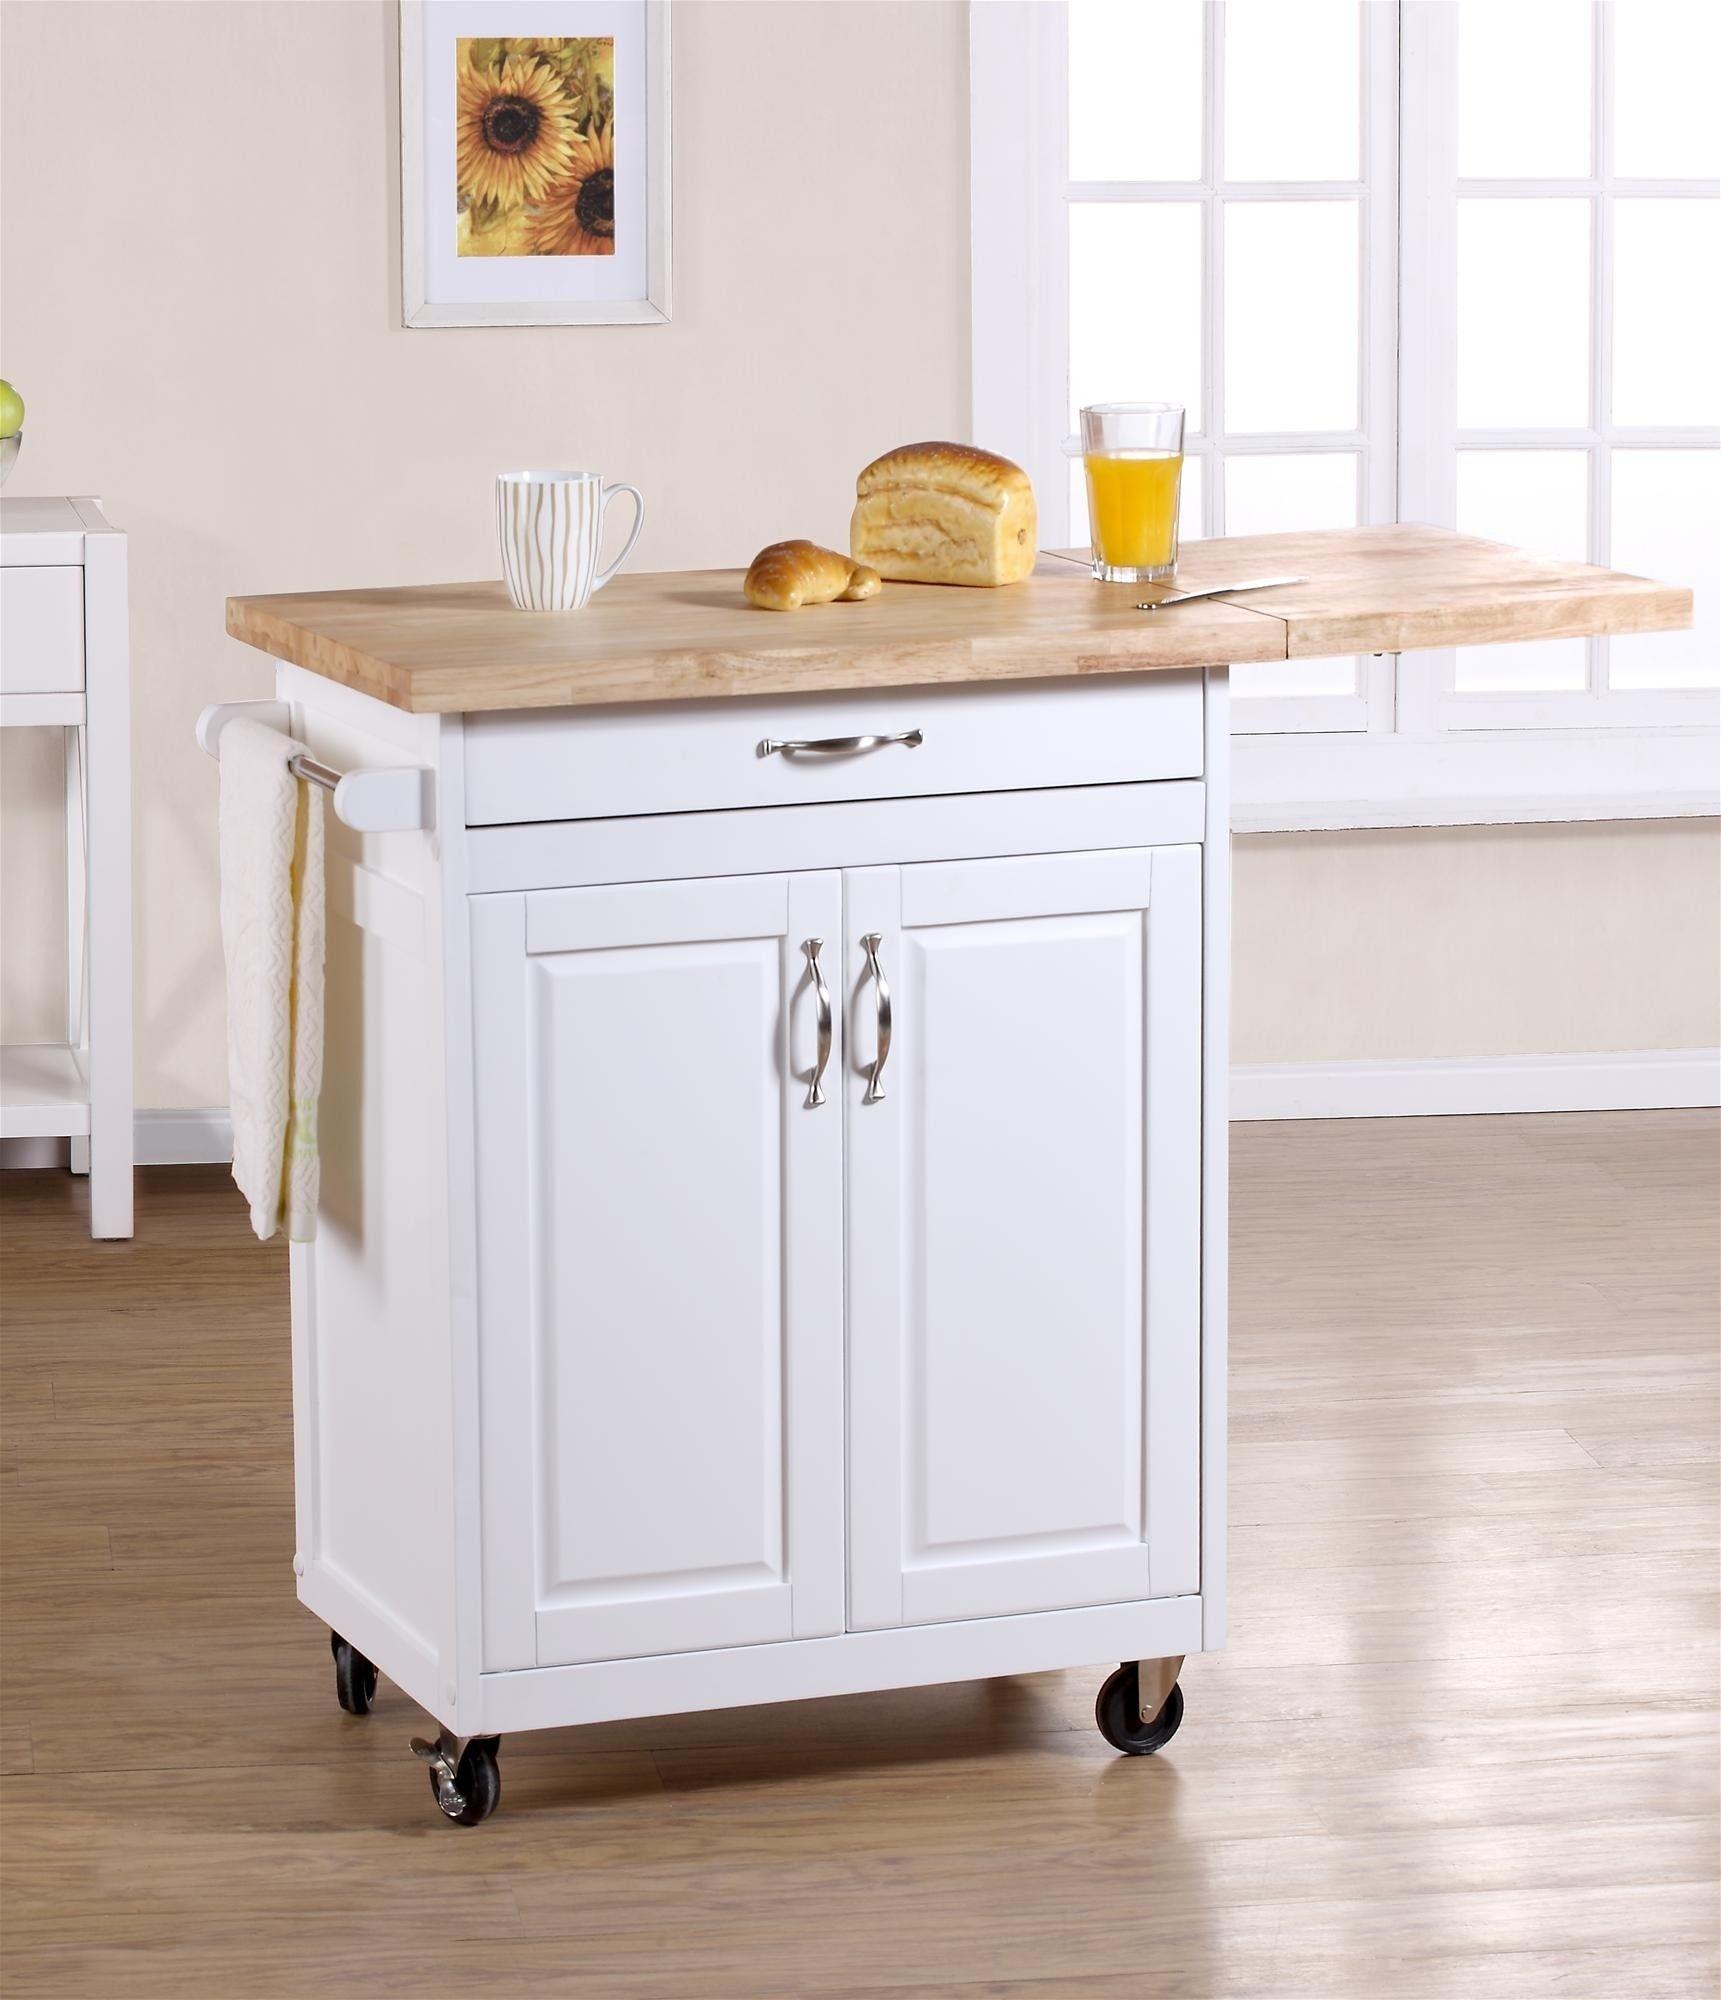 Elegant Mainstays Kitchen Island Cart Multiple Finishes 2